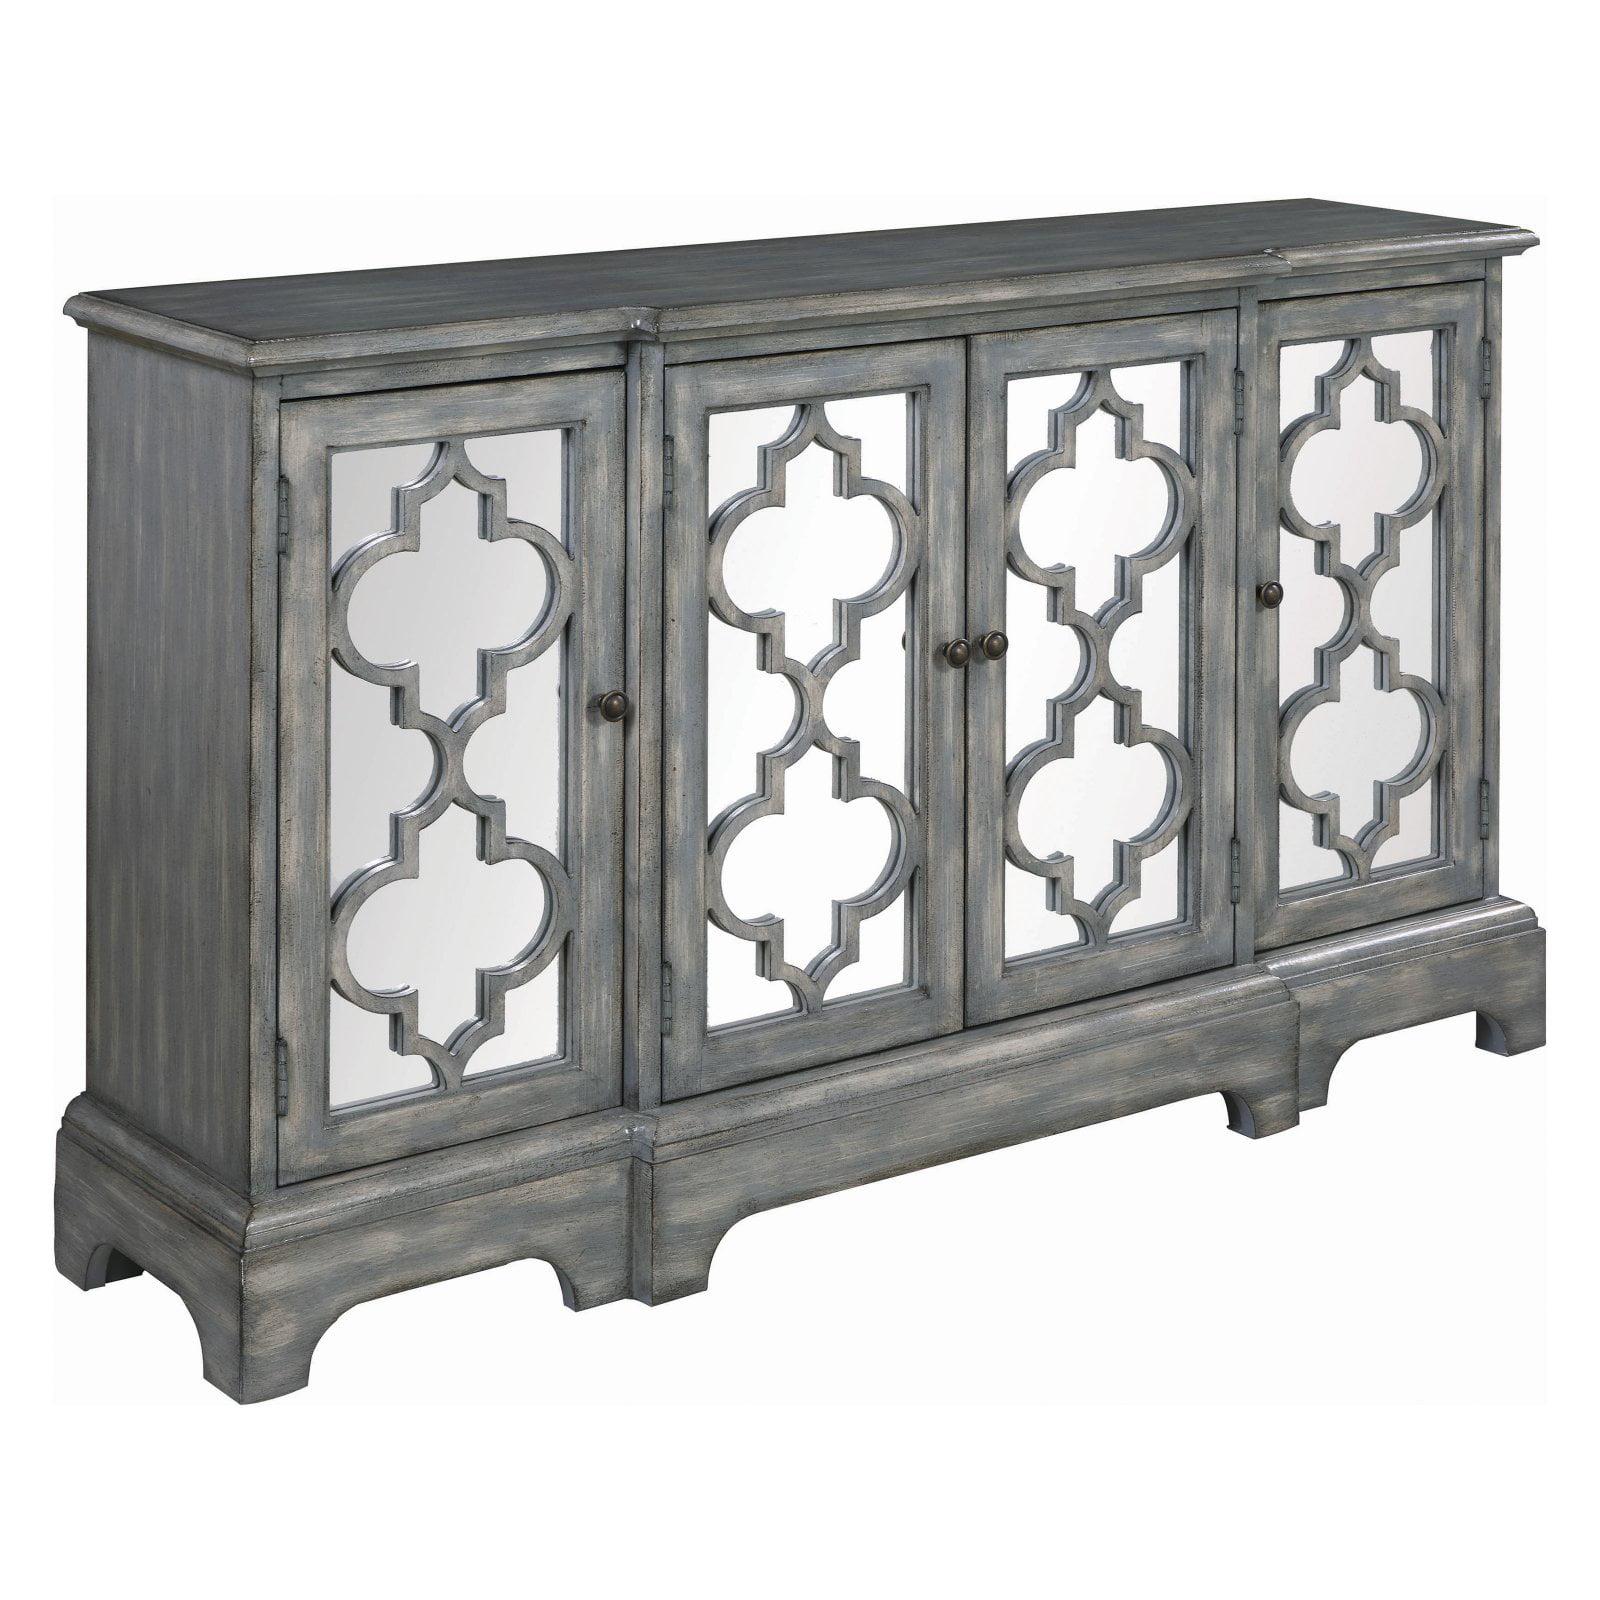 Coaster Furniture Gray Decorative Lattice 4 Door Accent Cabinet